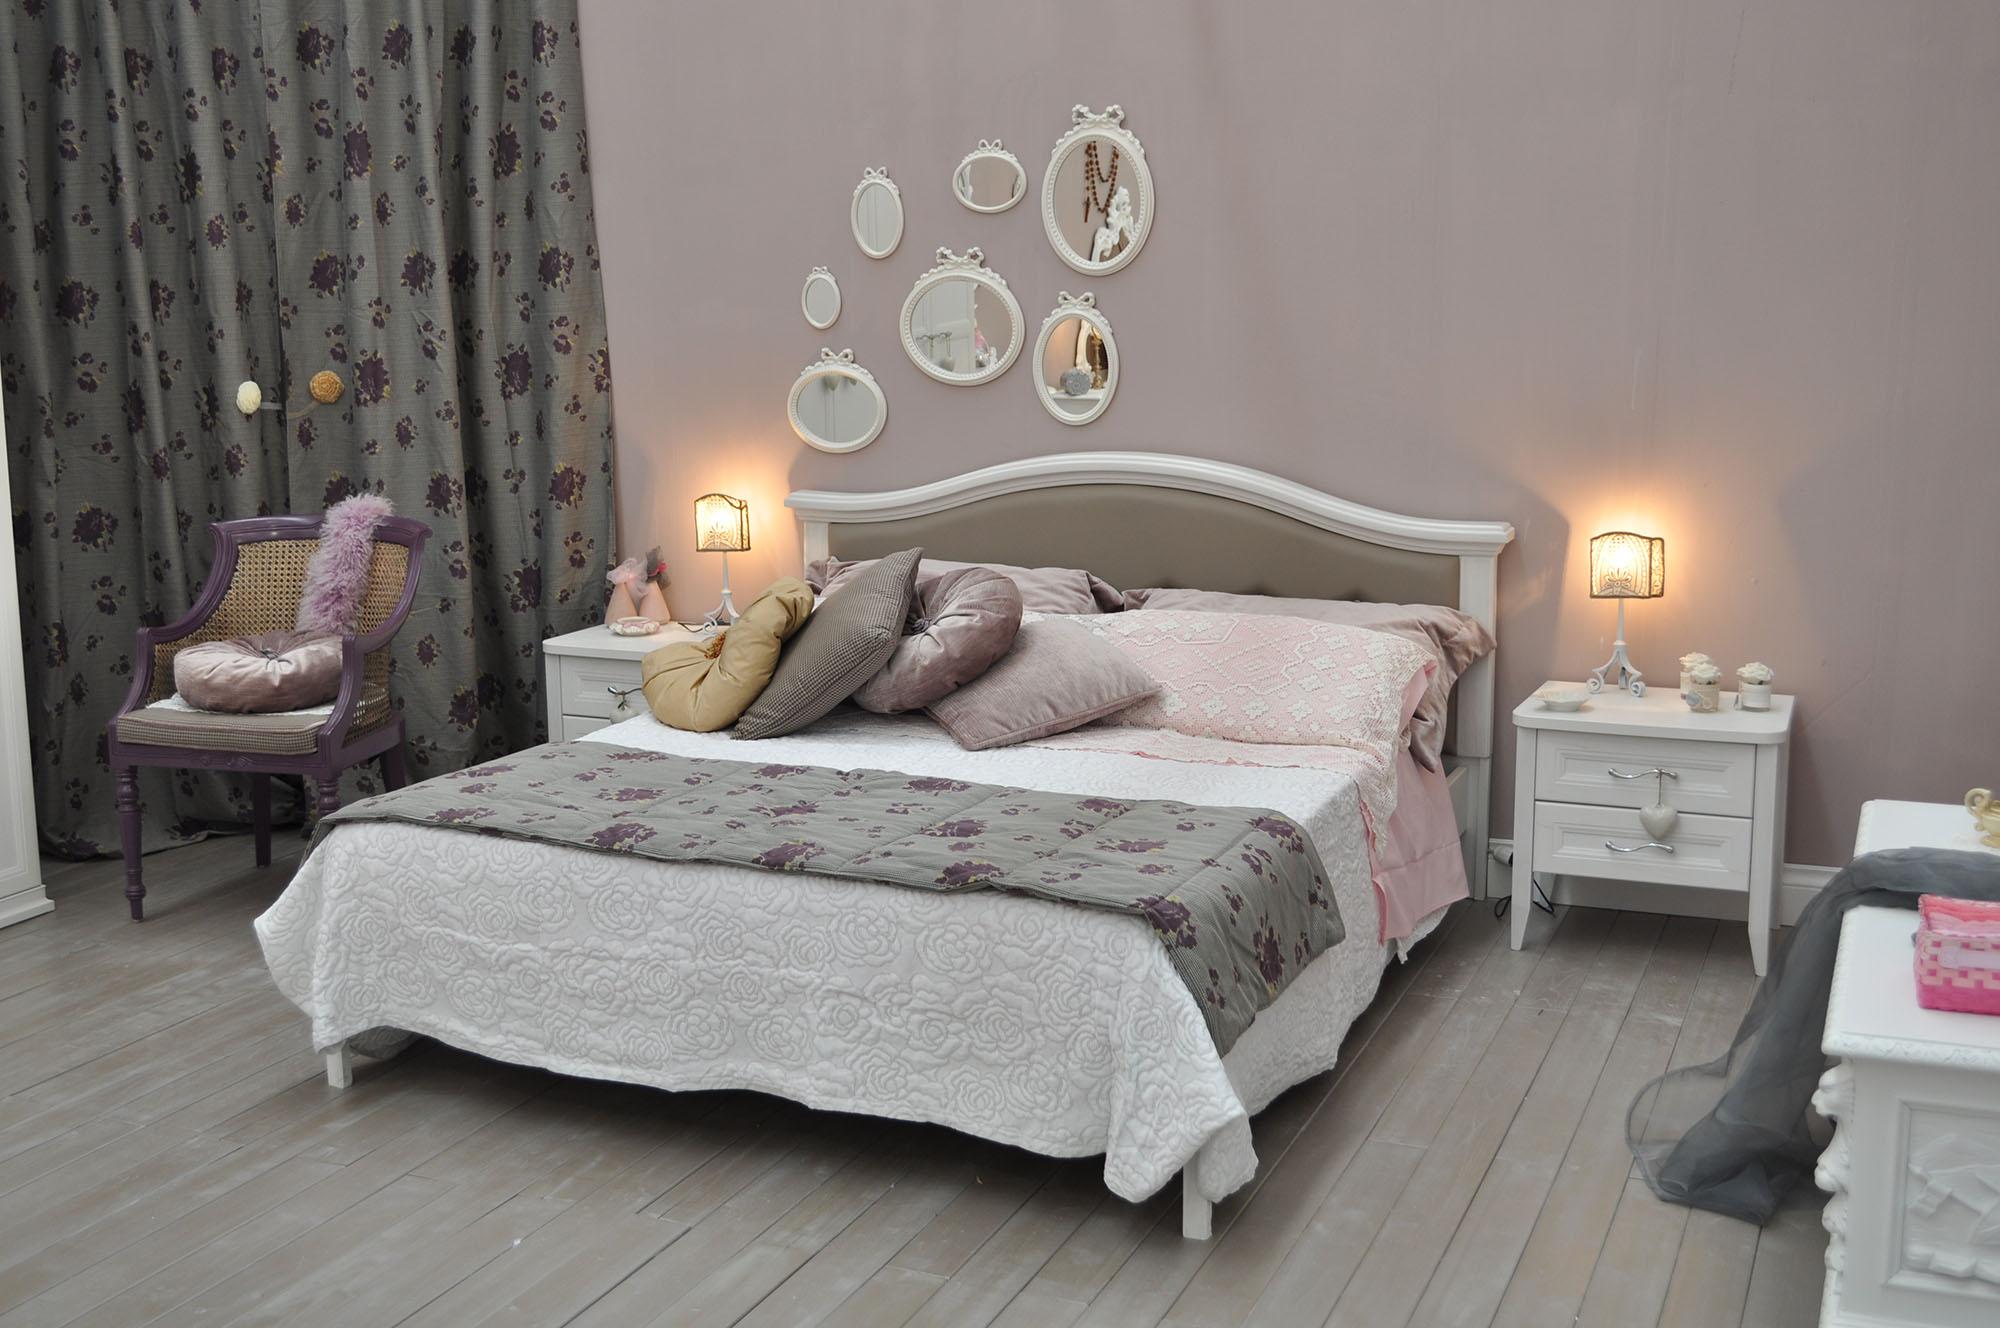 Camera da letto su misura roma falegnameria (2)